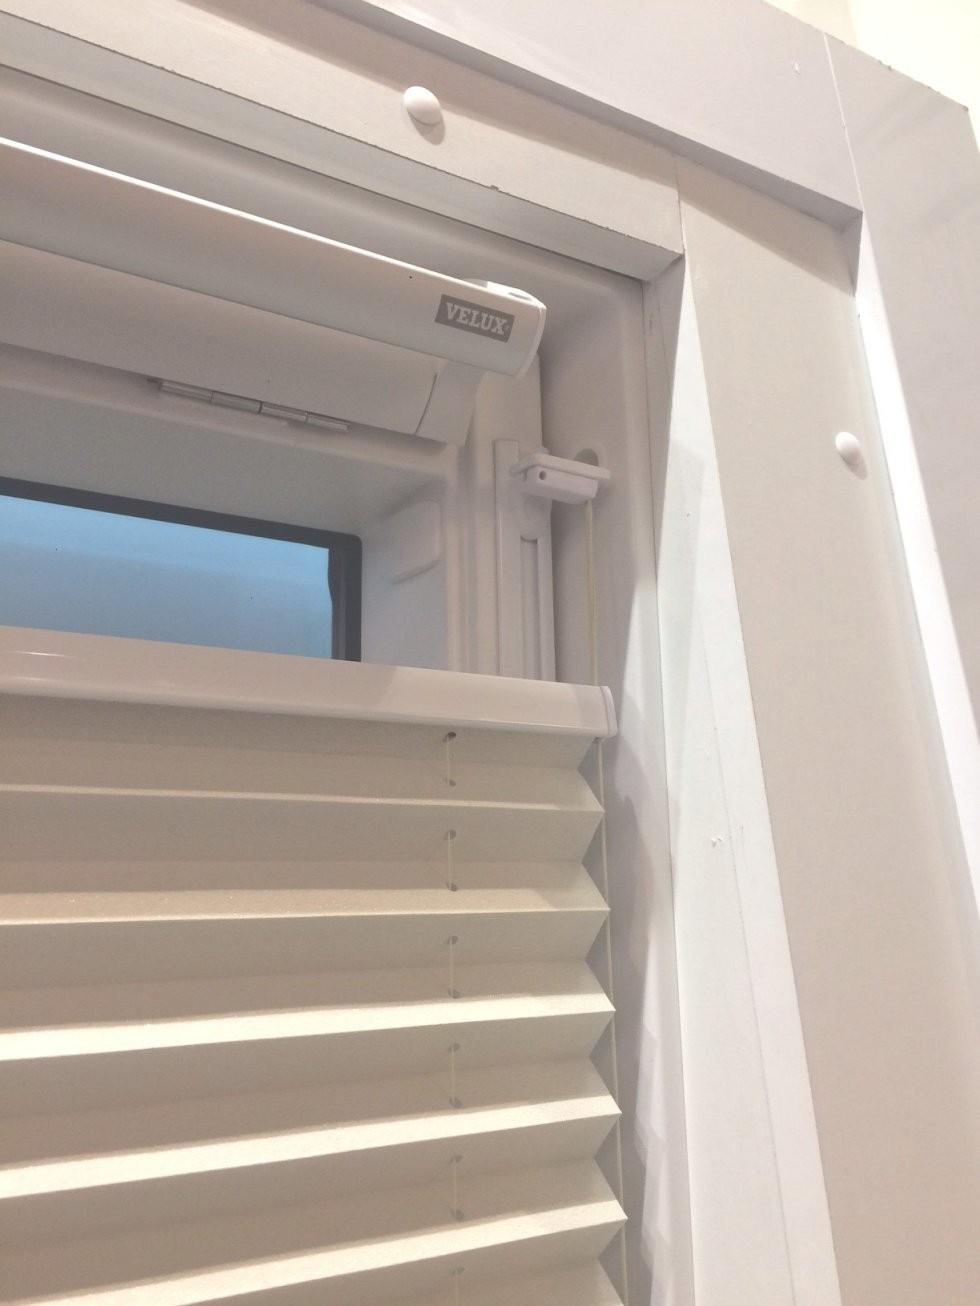 Plissee Ohne Bohren Für Dachfenster  Rollomeister von Roto Dachfenster Plissee Ohne Bohren Bild